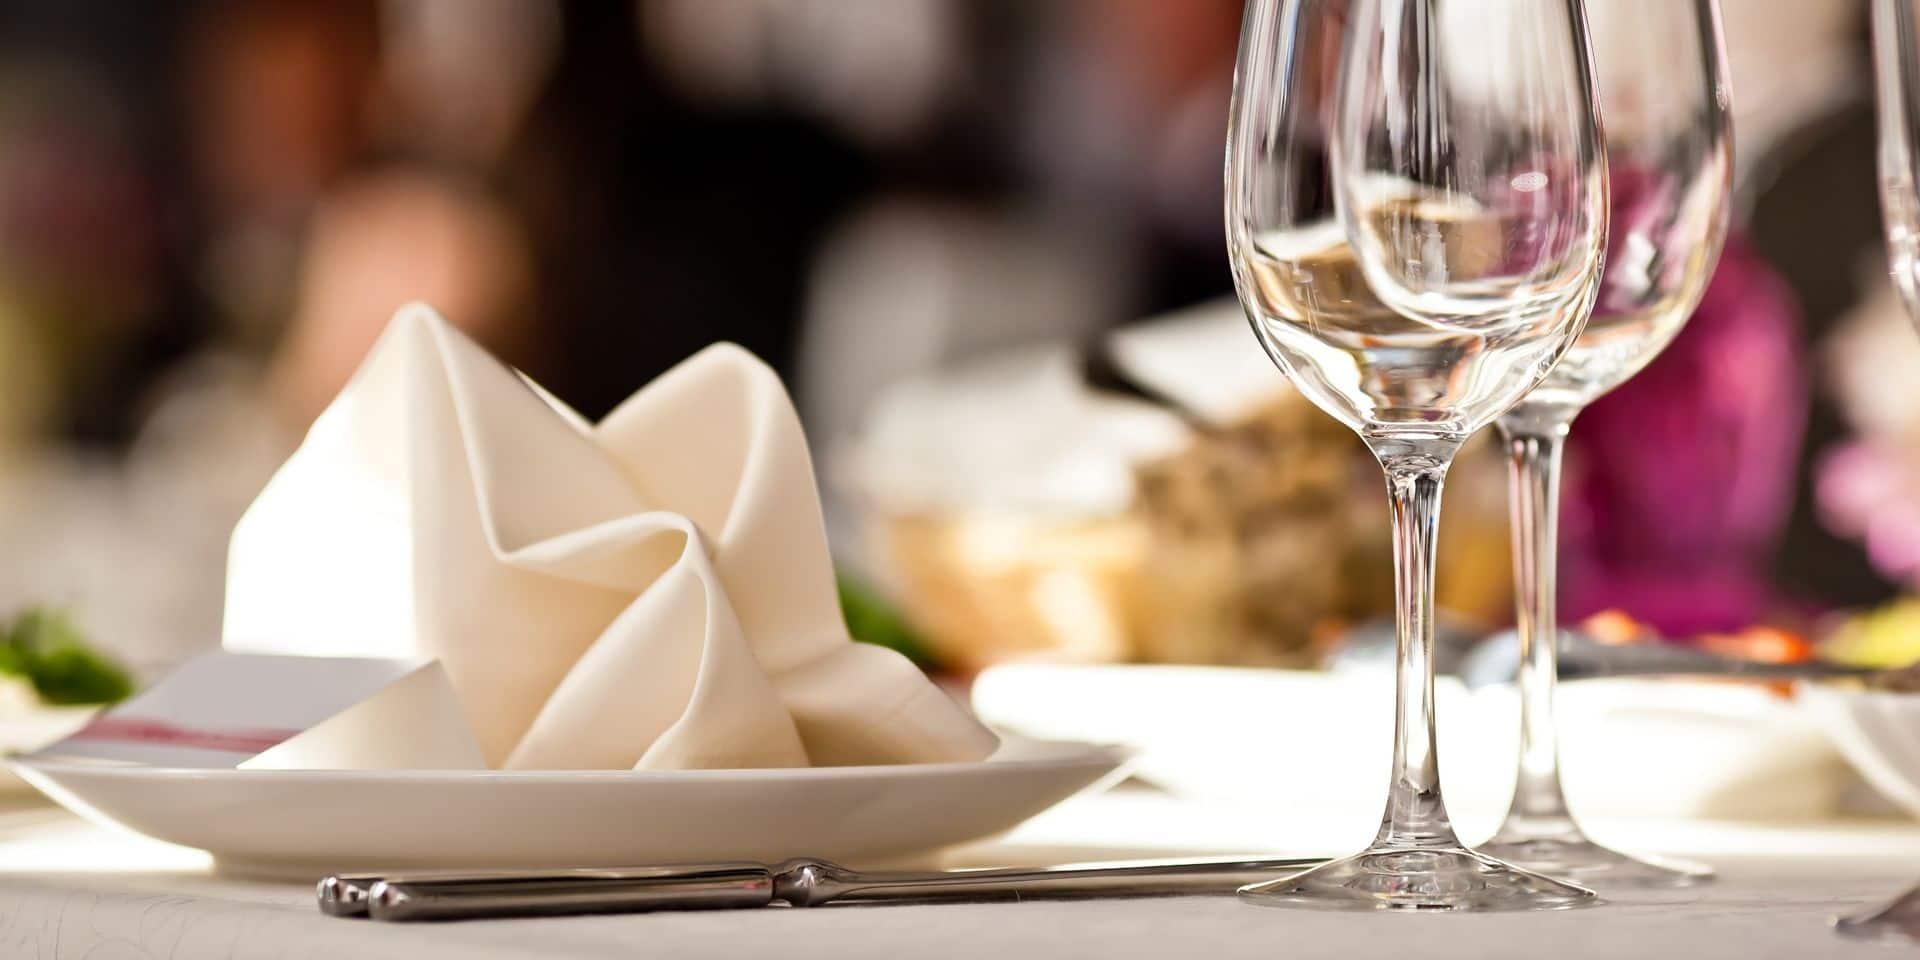 Un ancien ministre et un journaliste reconnaissent avoir mangé dans un restaurant clandestin à Paris